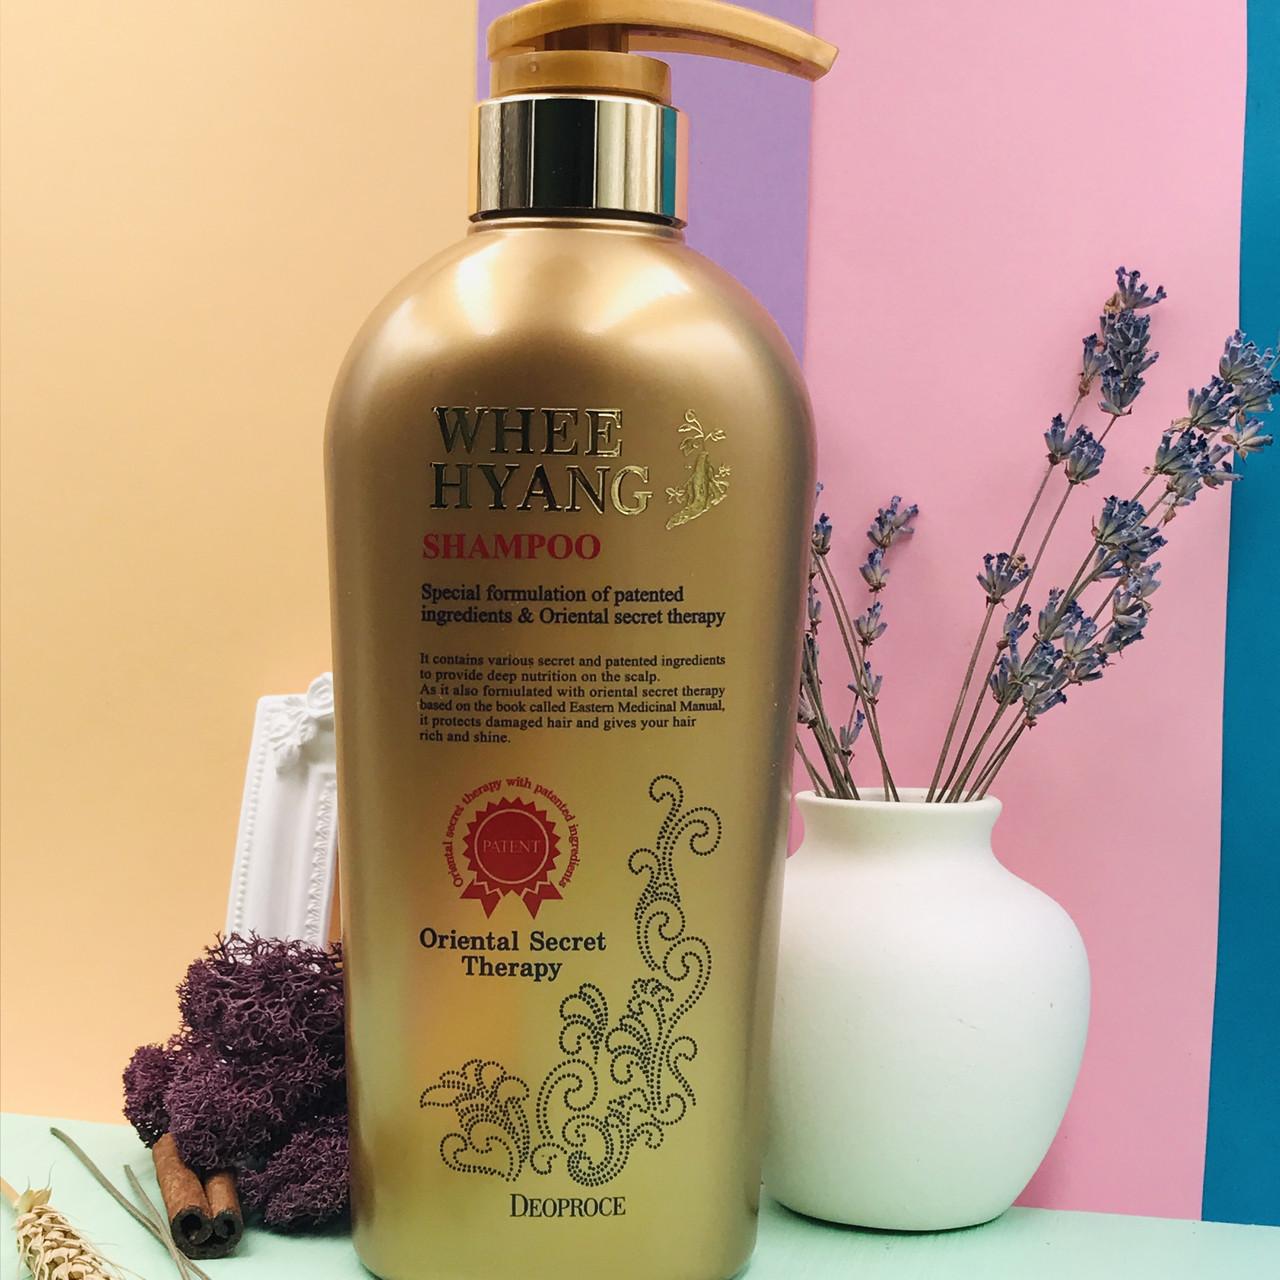 Укрепляющий шампунь с корнем женьшеня и Восточным гербарием Deoproce Whee Hyang Shampoo